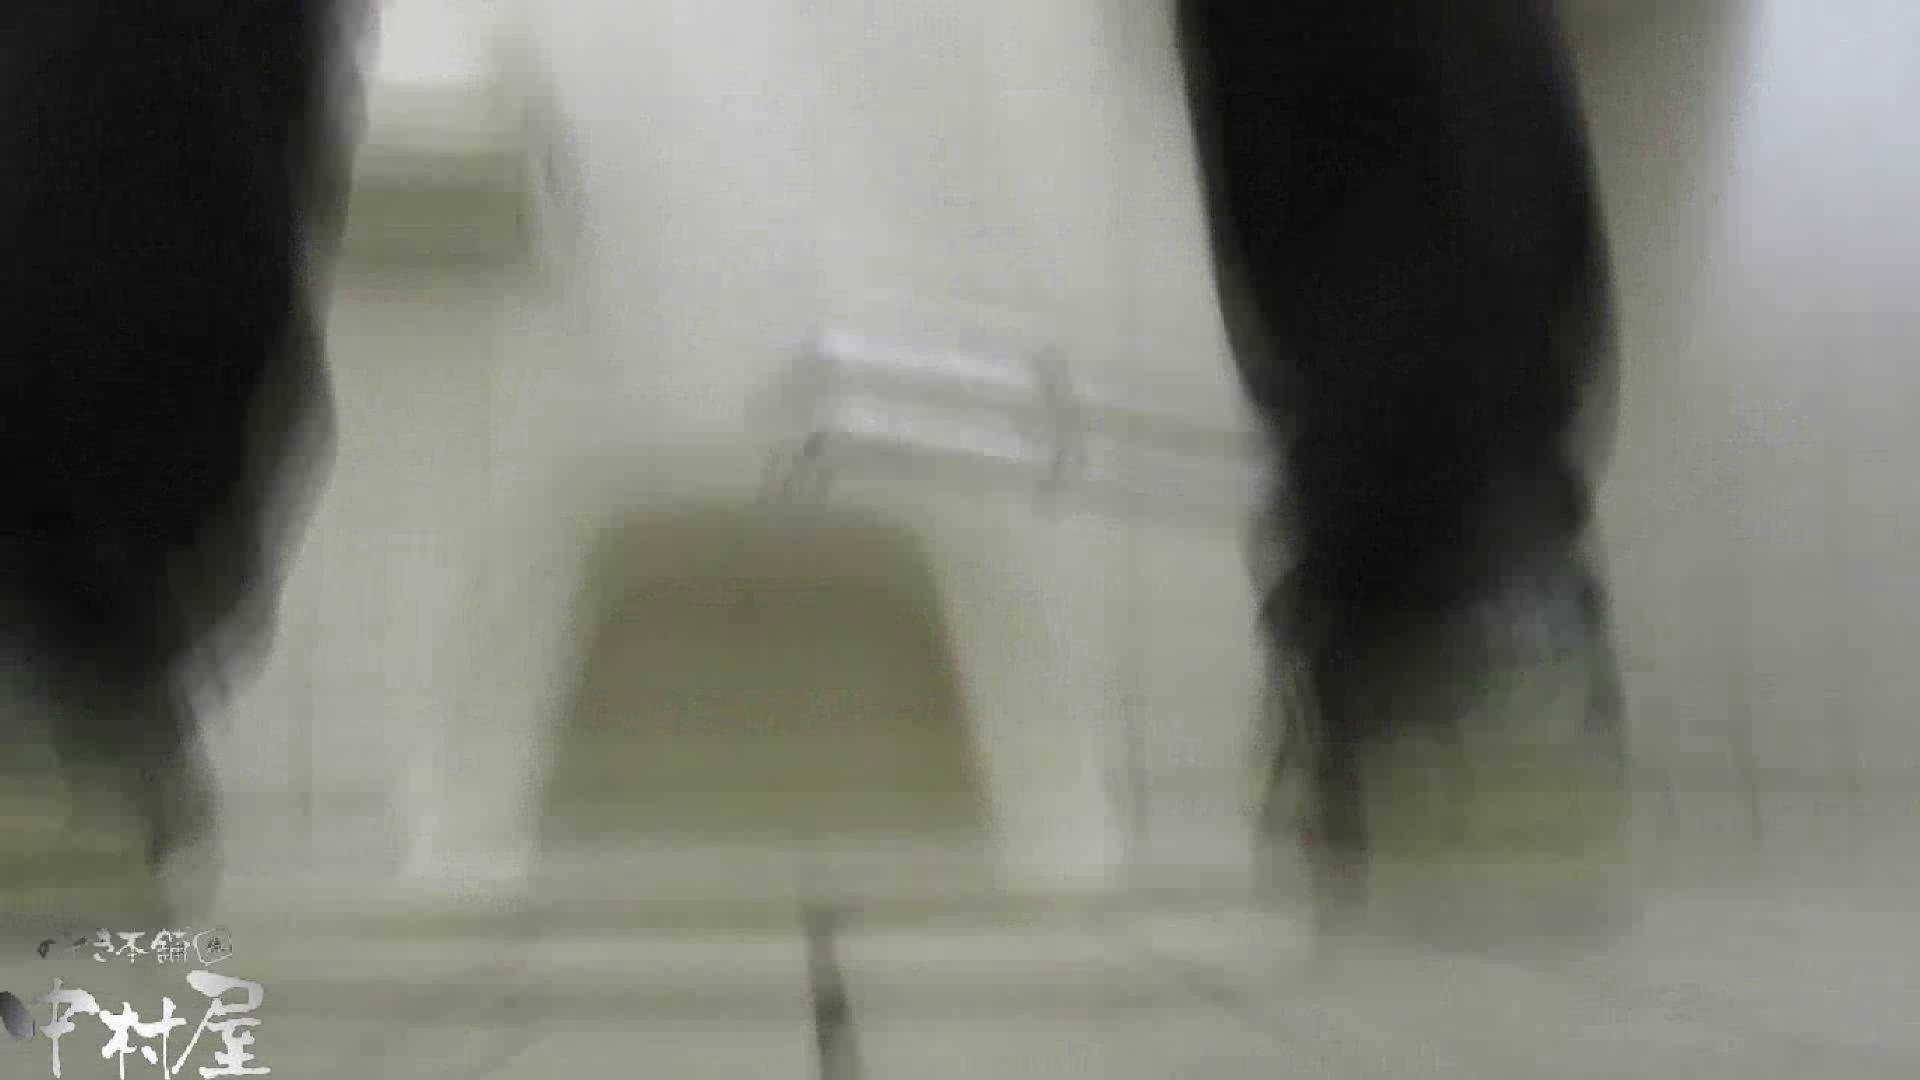 魂のかわや盗撮62連発! ケツ毛フサフサ嬢! 17発目! 盗撮   リアル黄金水  96画像 69